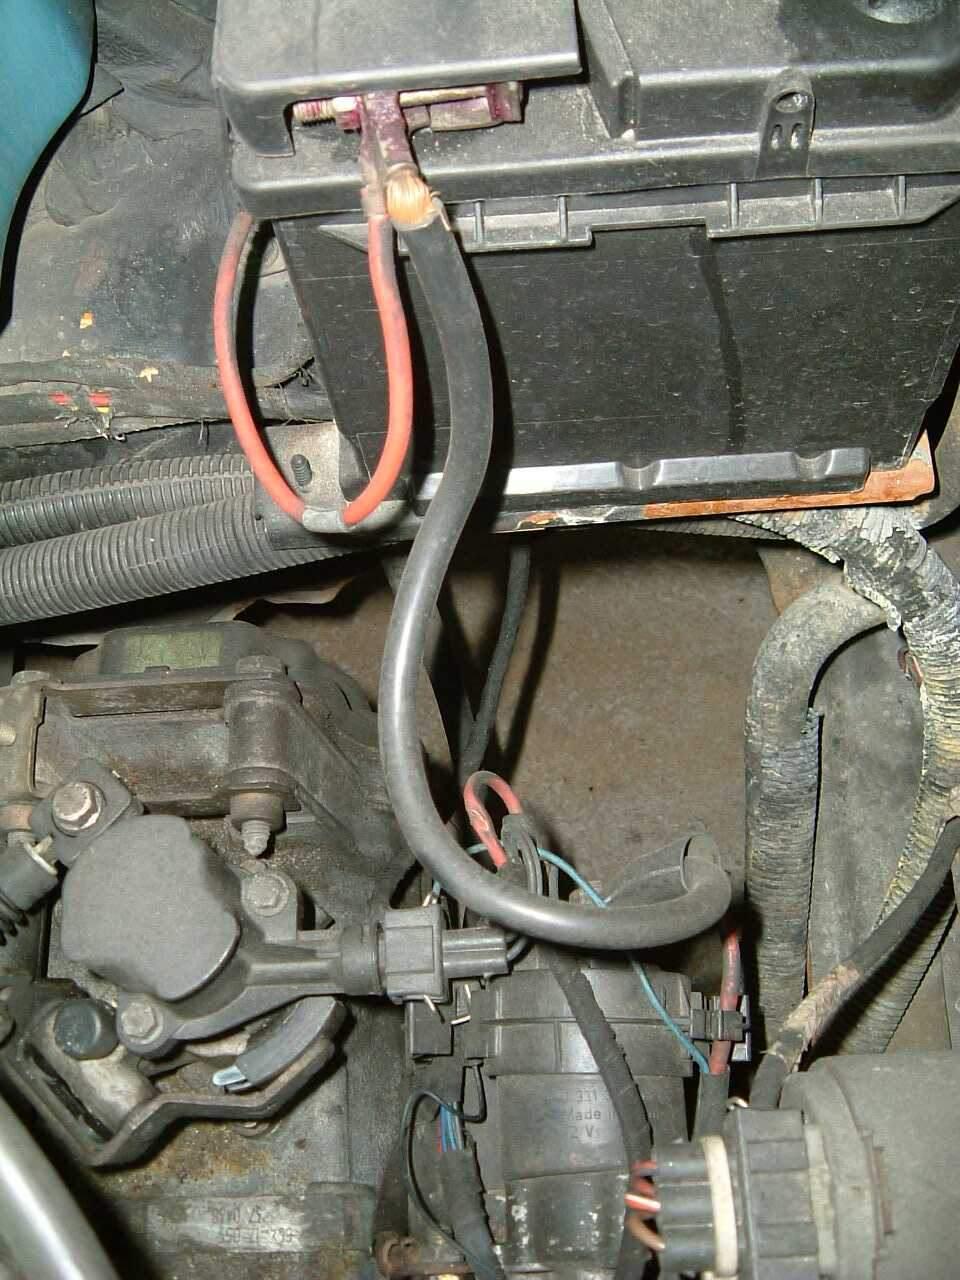 autoelektrik reparaturanleitungen pruef mess und einbauanleitungen. Black Bedroom Furniture Sets. Home Design Ideas